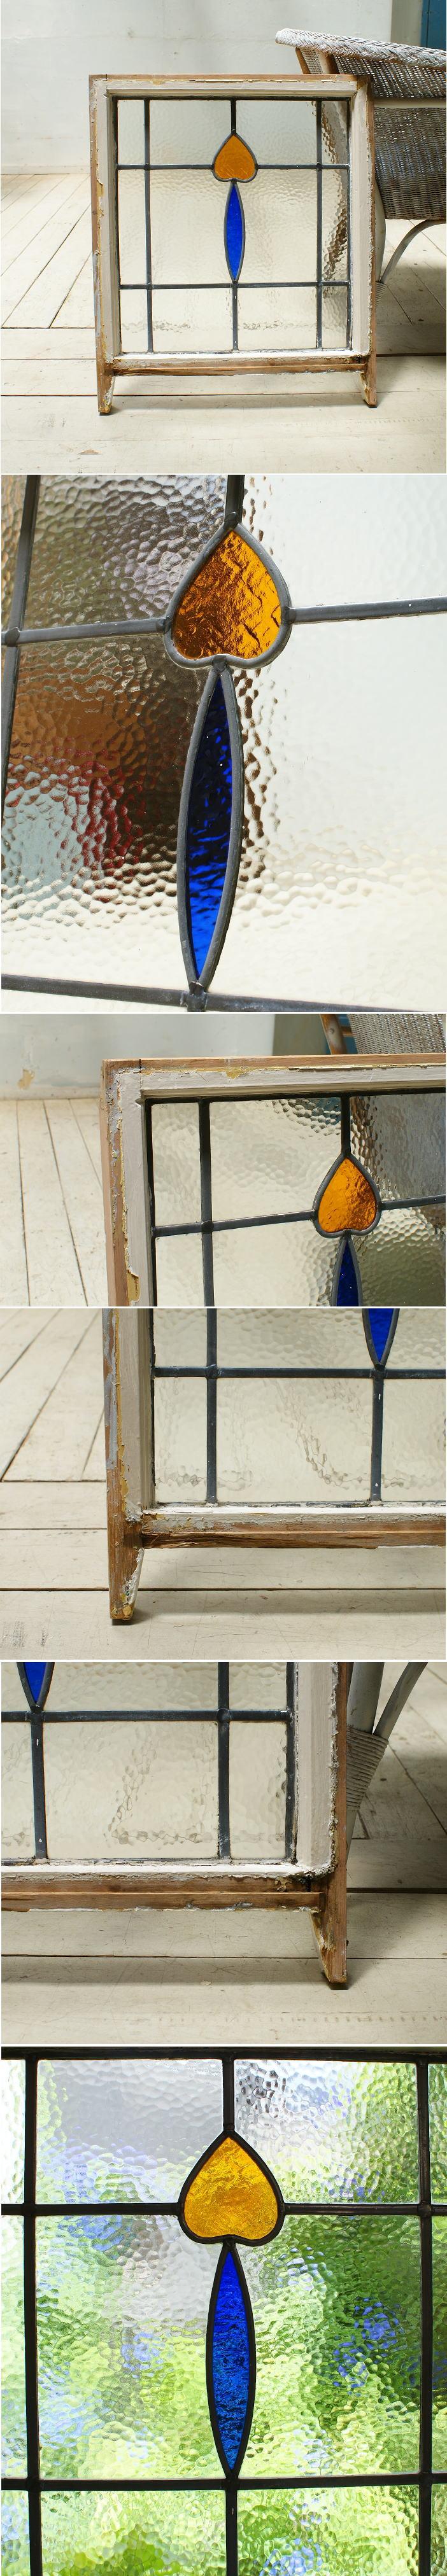 イギリス アンティーク ステンドグラス 幾何学 5498